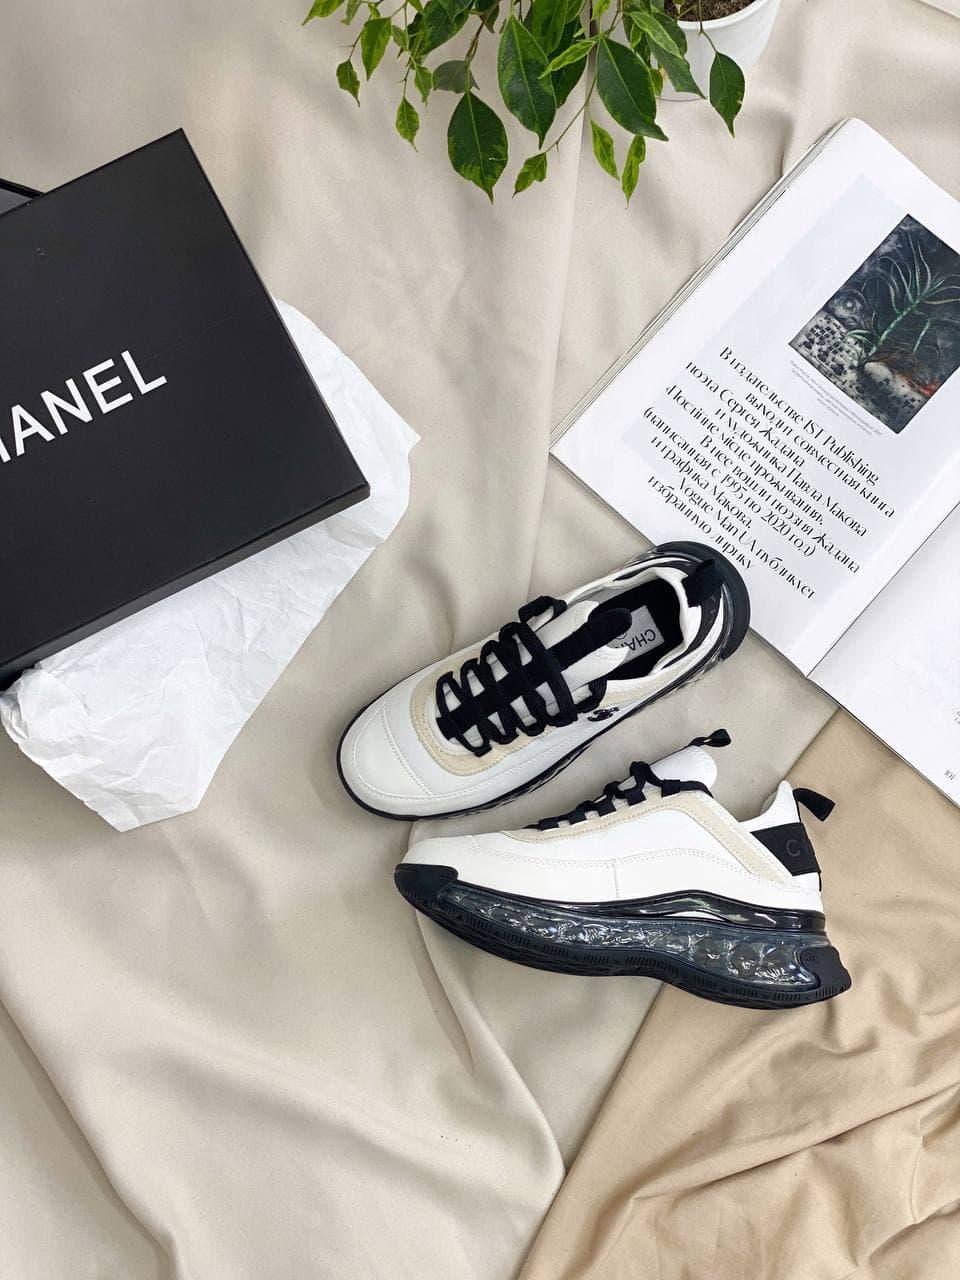 Женские кроссовки Chanel White Crystal (Белые с черным) CH004 классные кроссы для стильной девушки